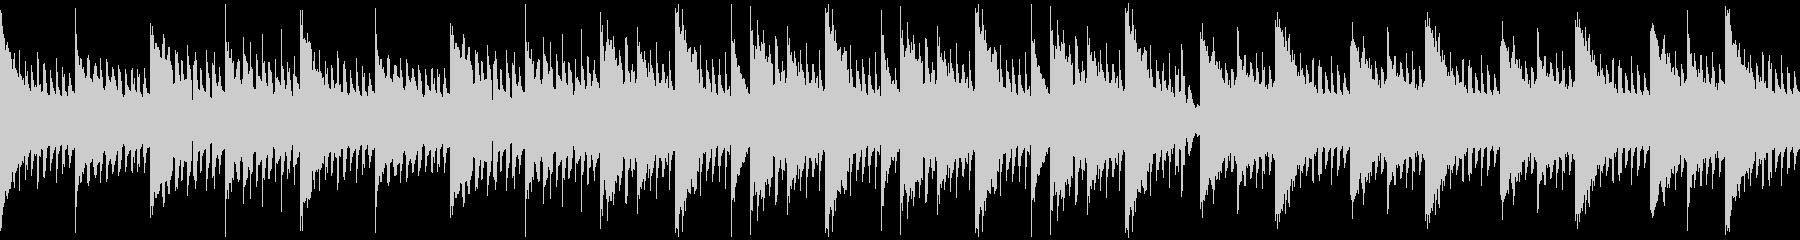 アコースティックセンチメンタル#01−2の未再生の波形